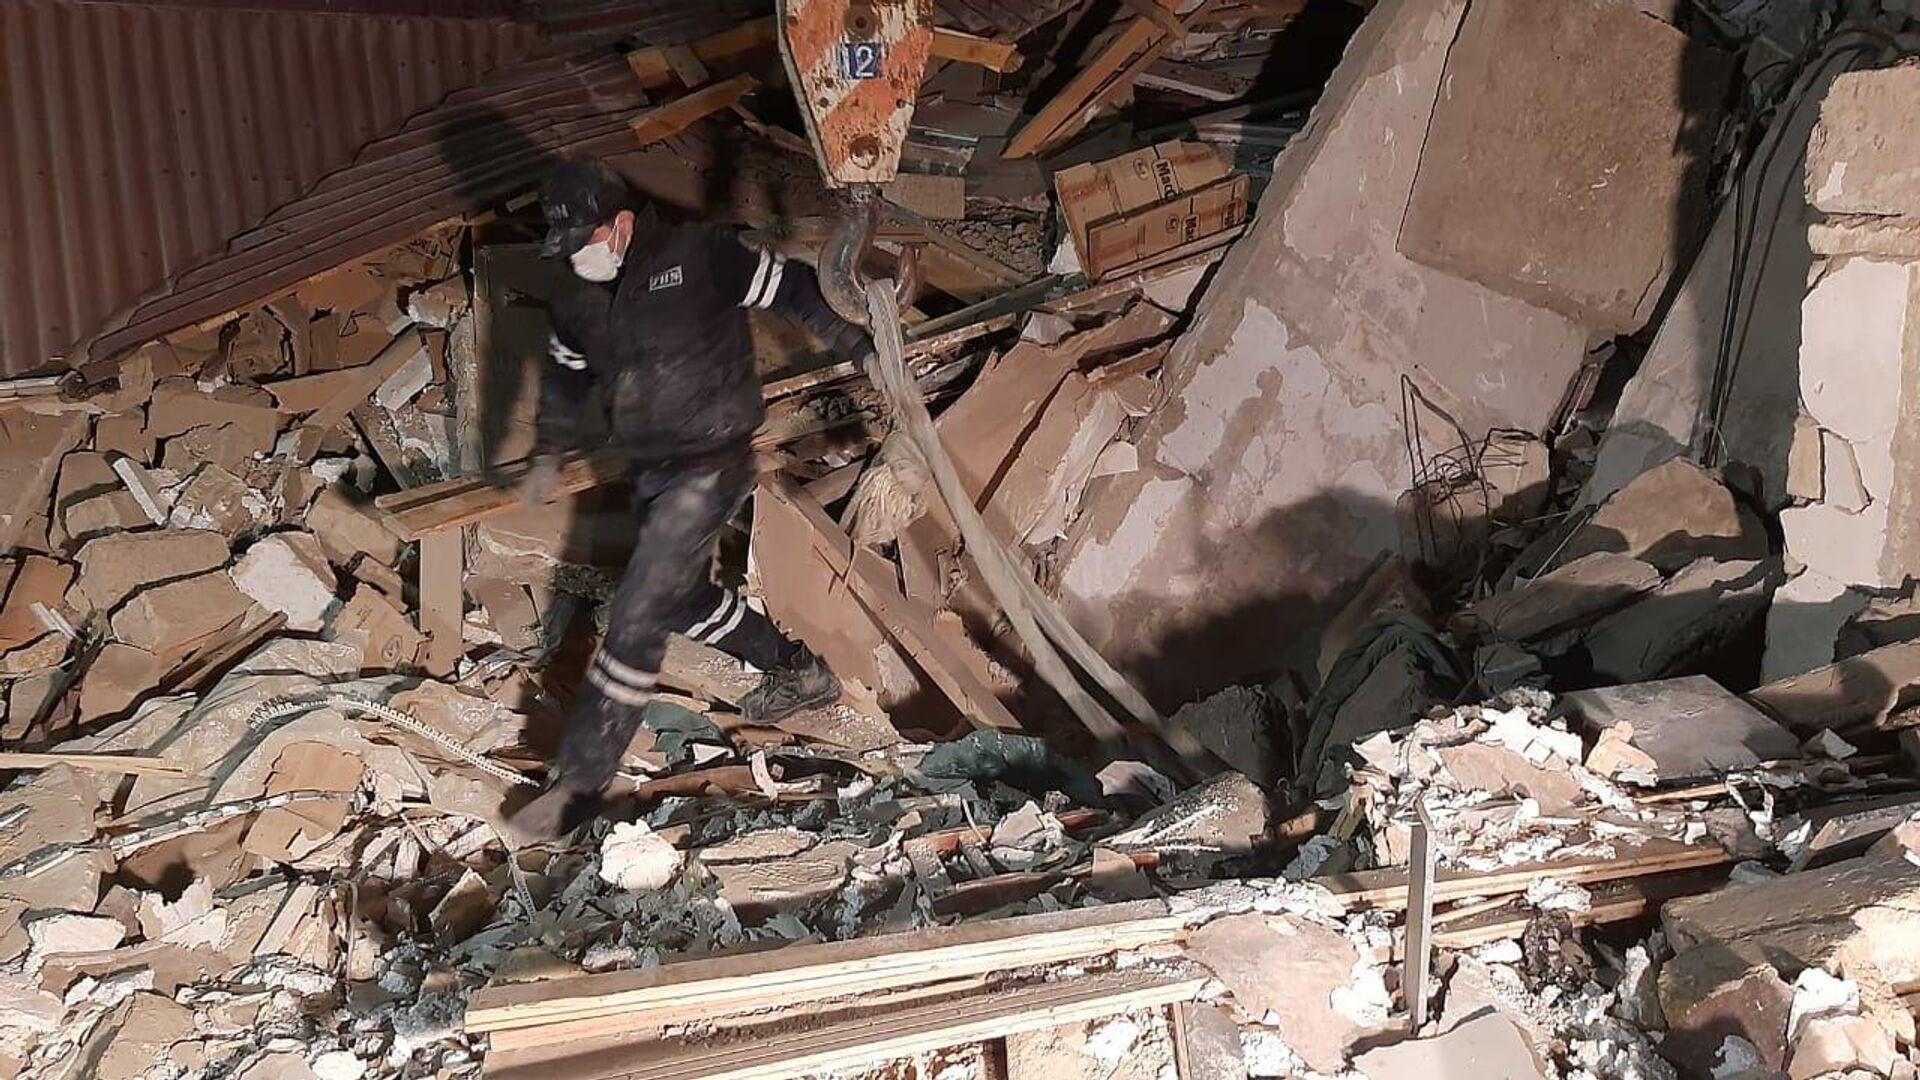 Последствия взрыва в городе Хырдалан в Азербайджане - РИА Новости, 1920, 25.01.2021